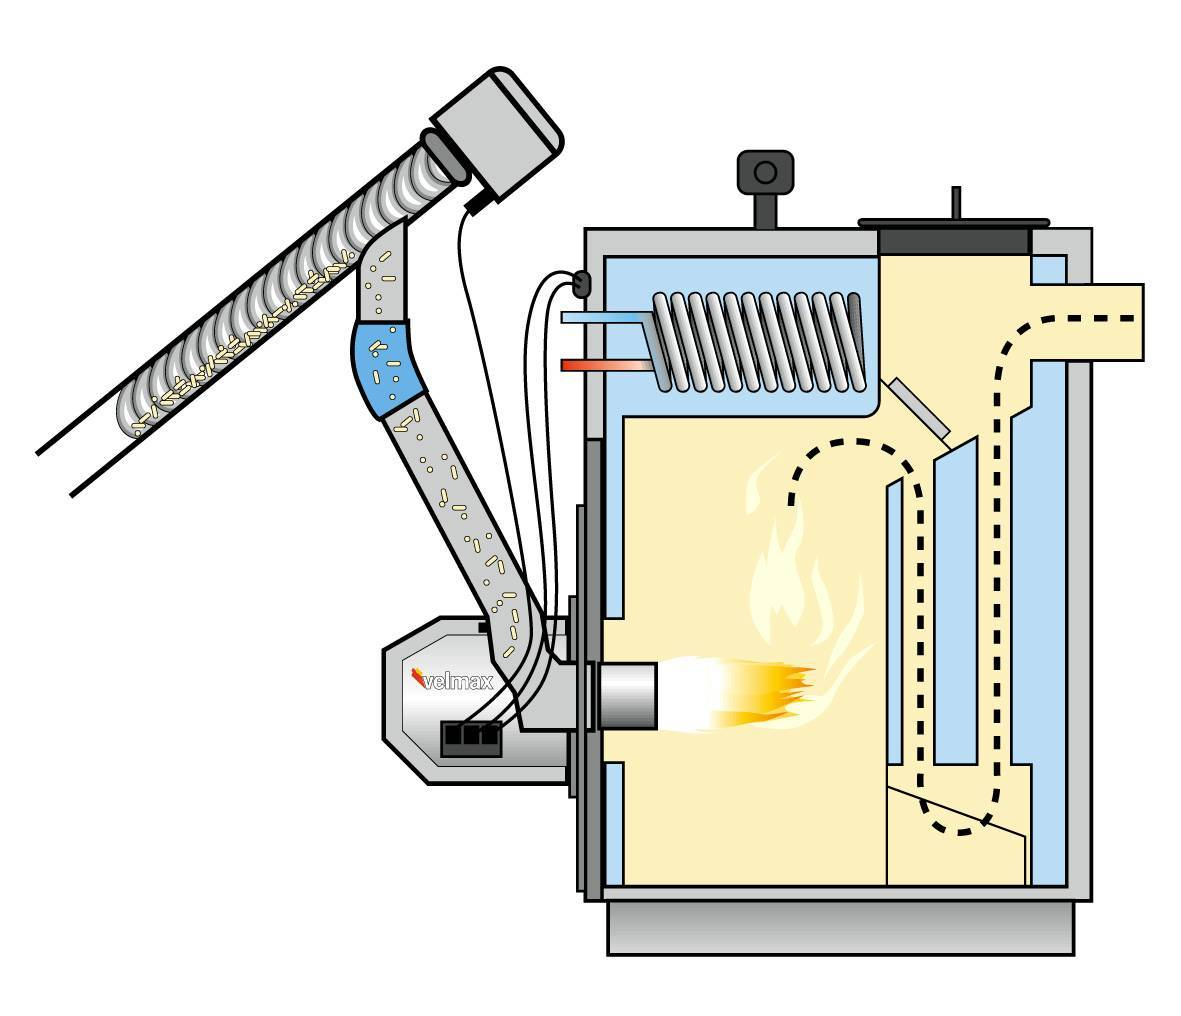 Пеллетная горелка своими руками – принцип работы и рекомендации по изготовлению